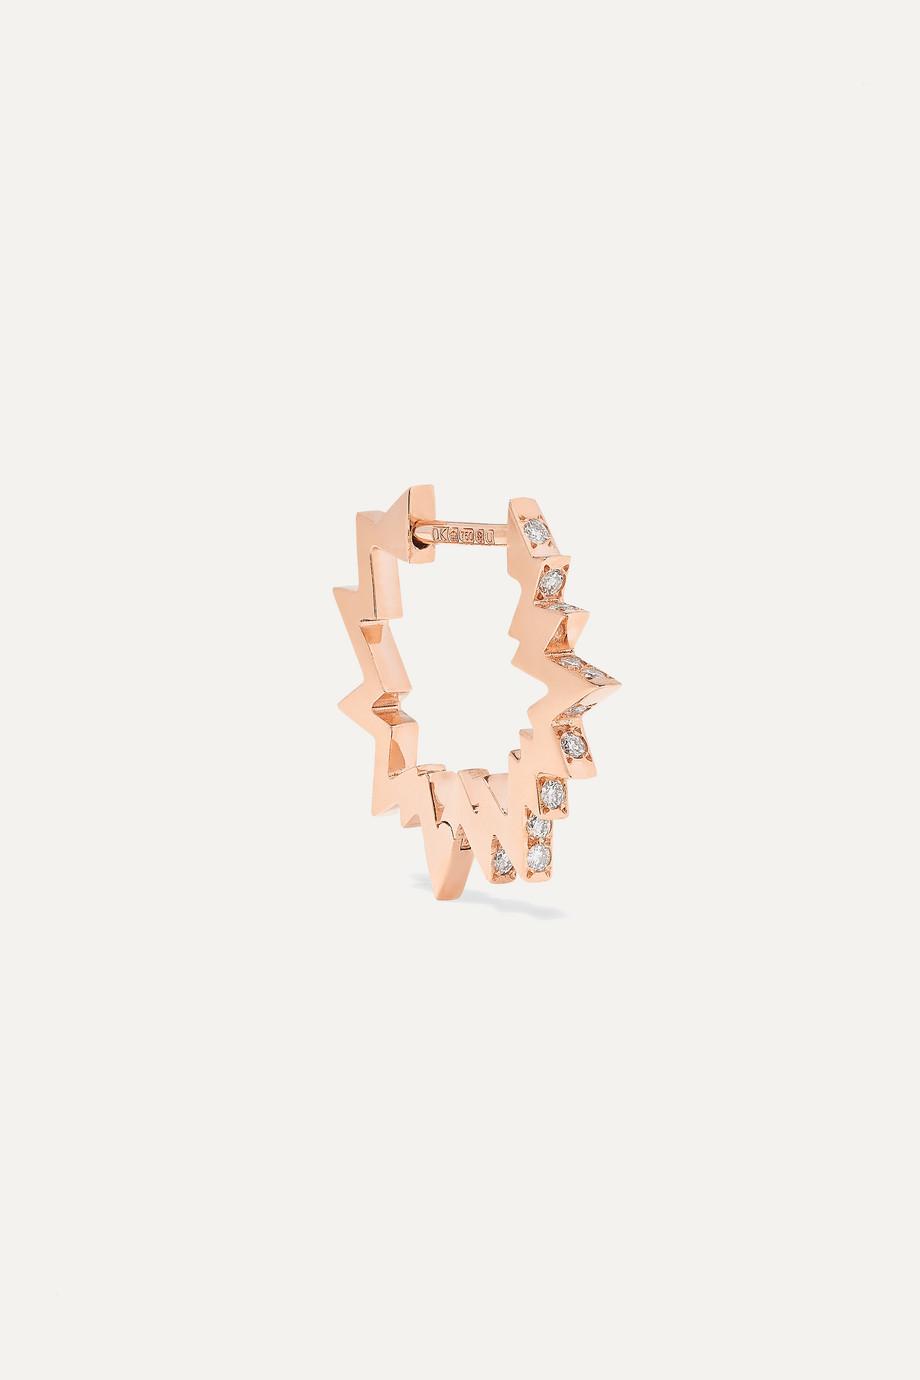 Diane Kordas Pop Art 18-karat rose gold diamond earring